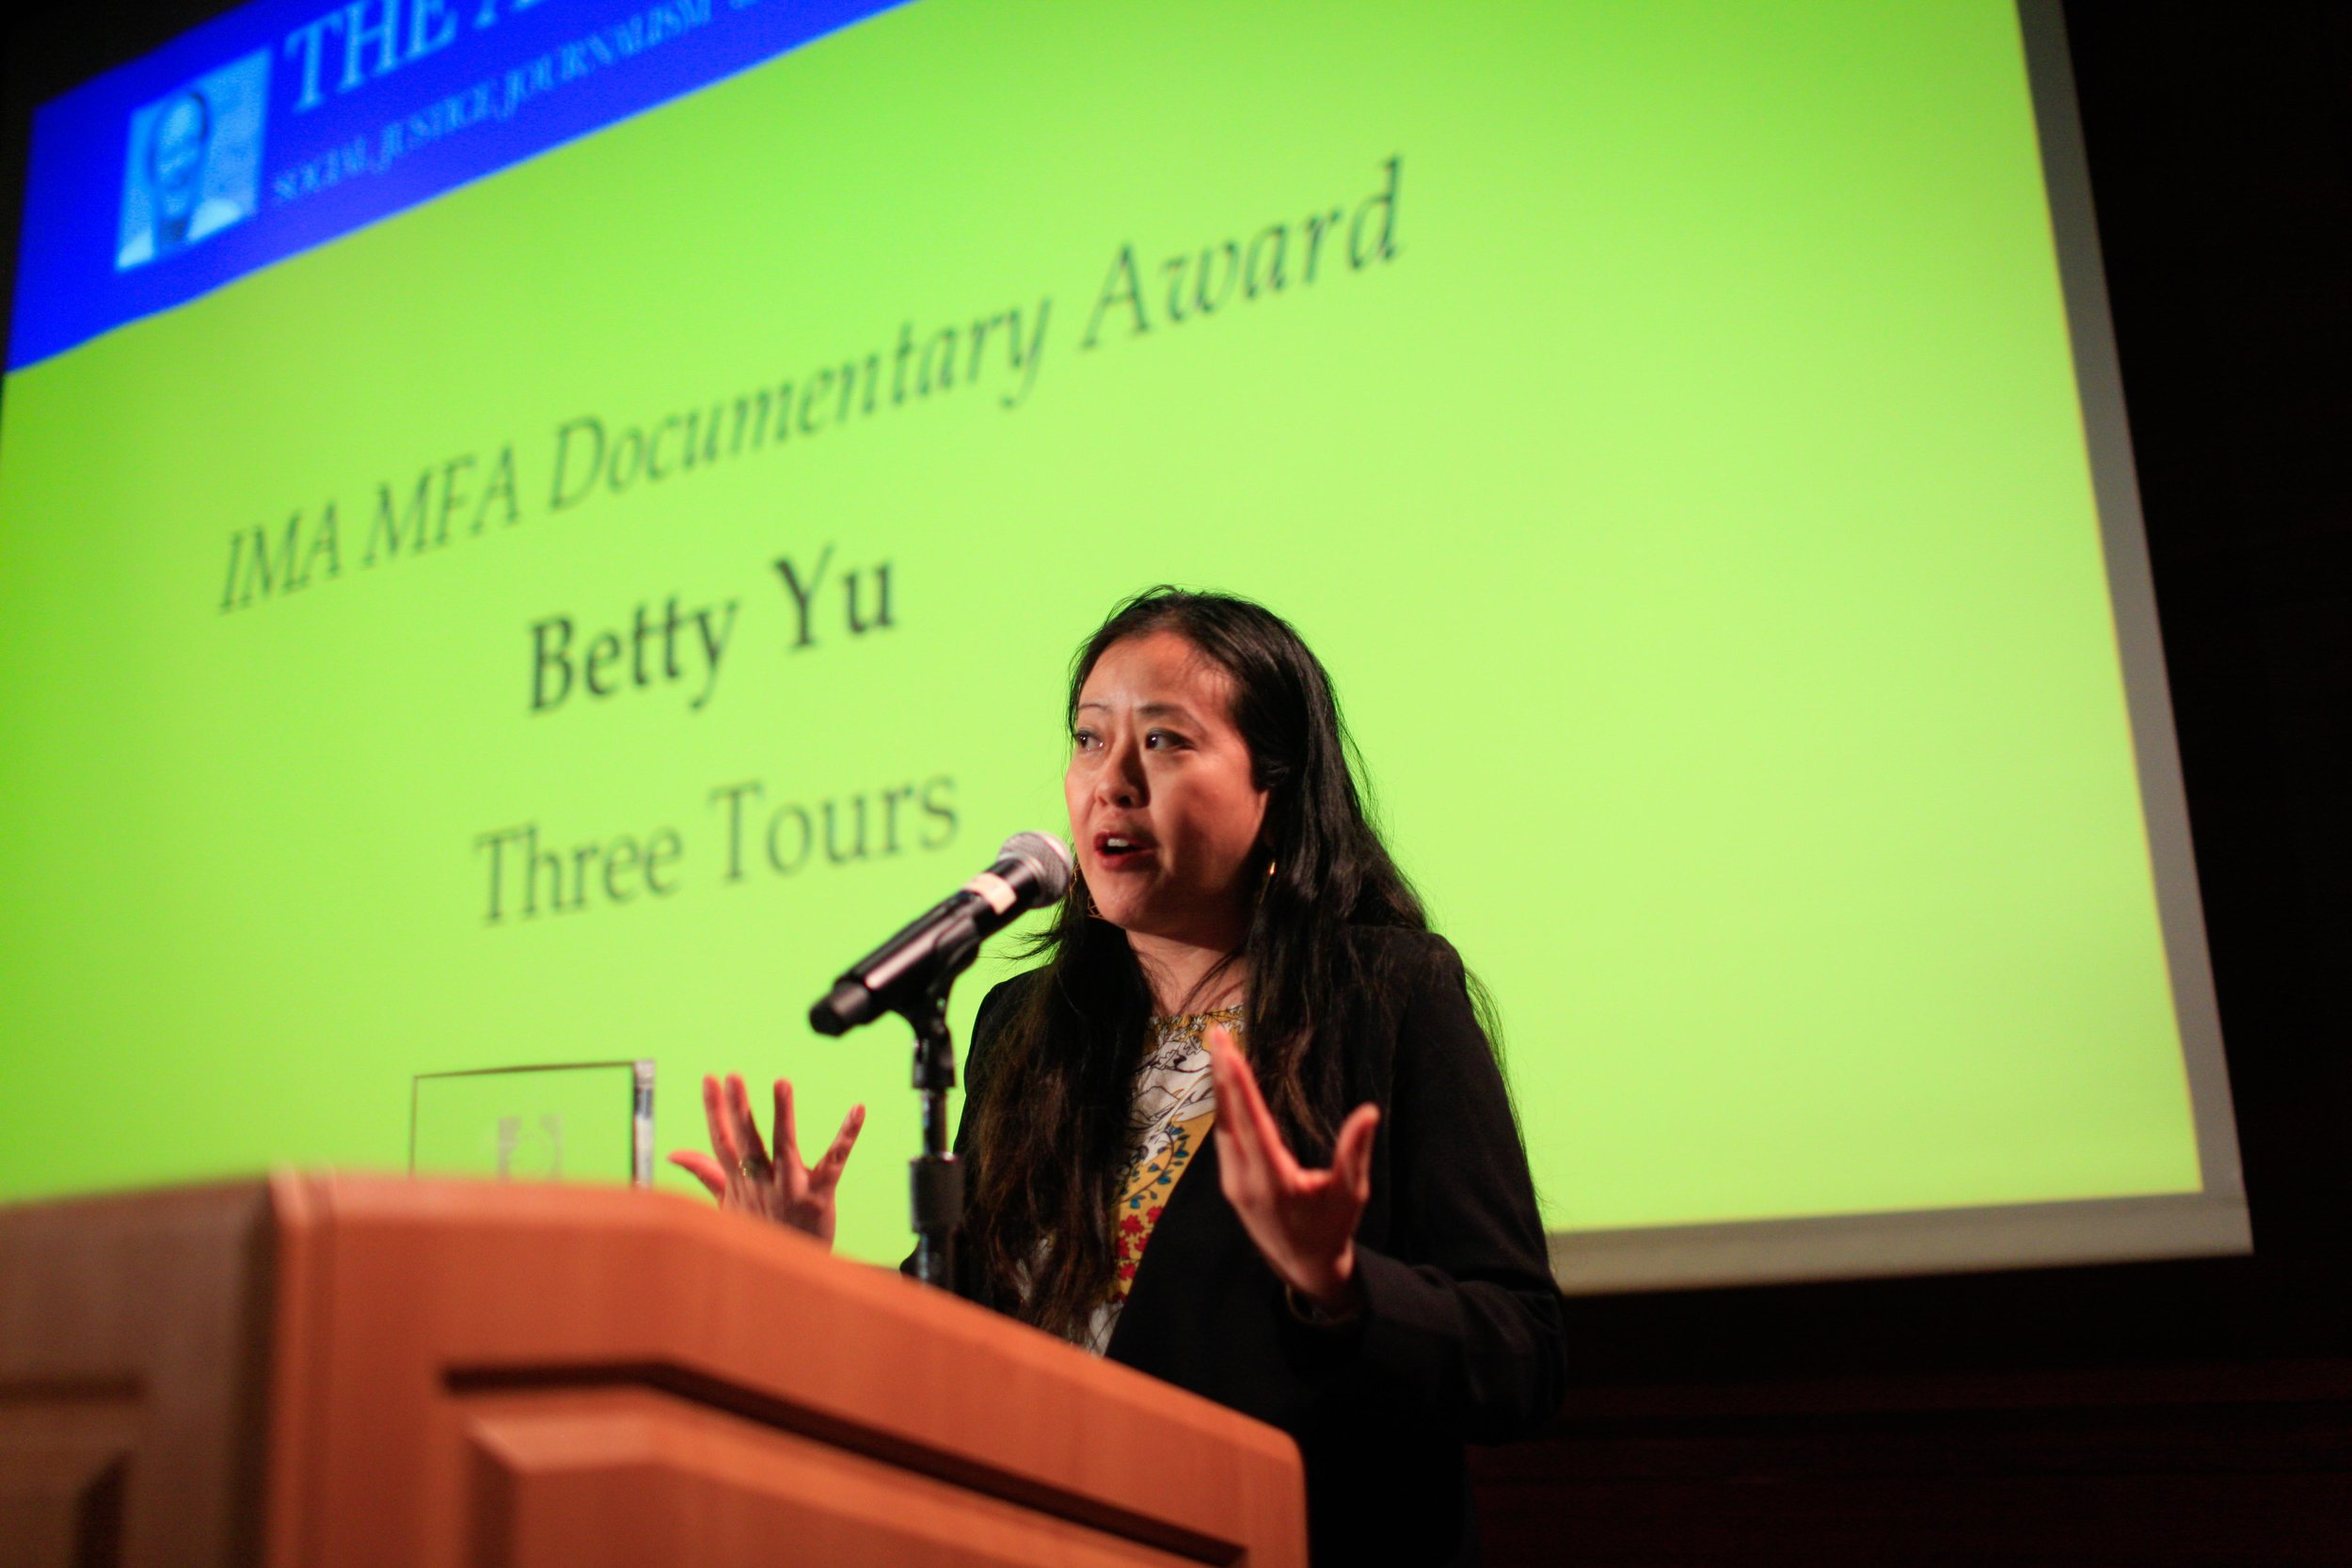 Aronson Awards-Betty at Podium Speaking.jpg